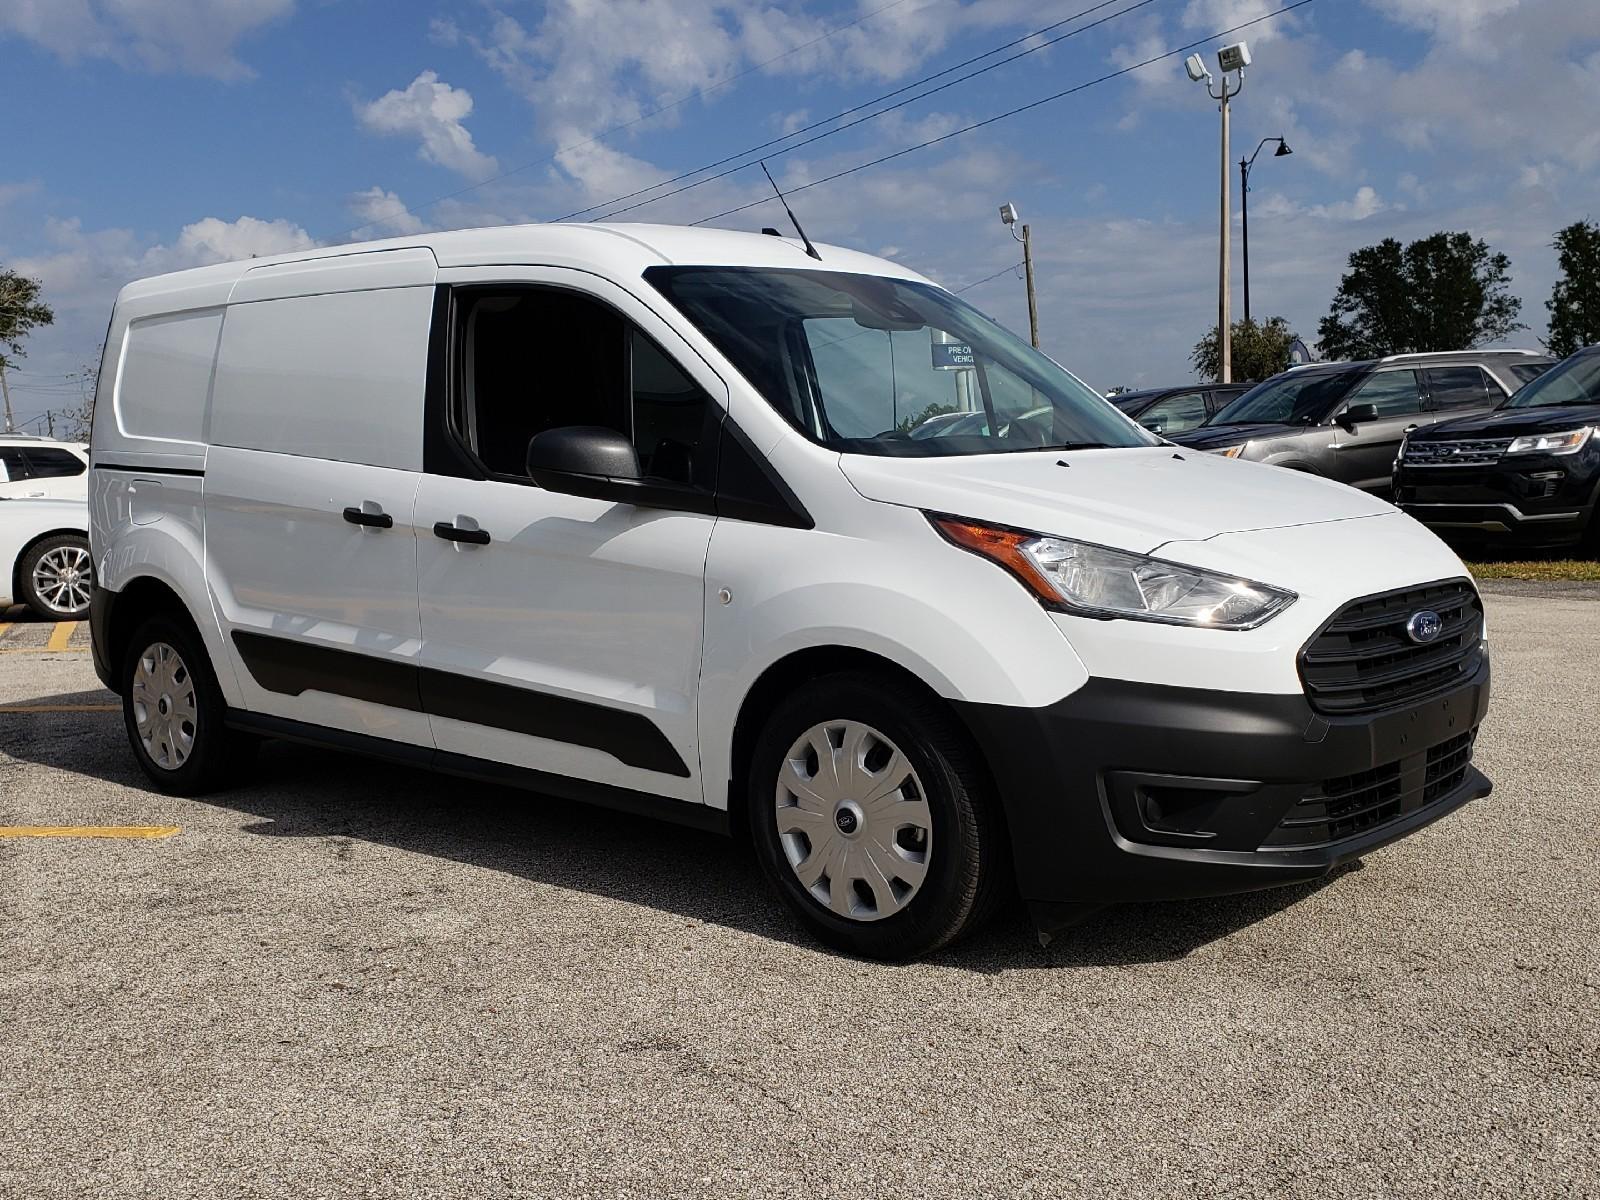 2019 Ford Transit Connect VAN XL LWB W/Rear Symmetrical Doors Van Cargo Van